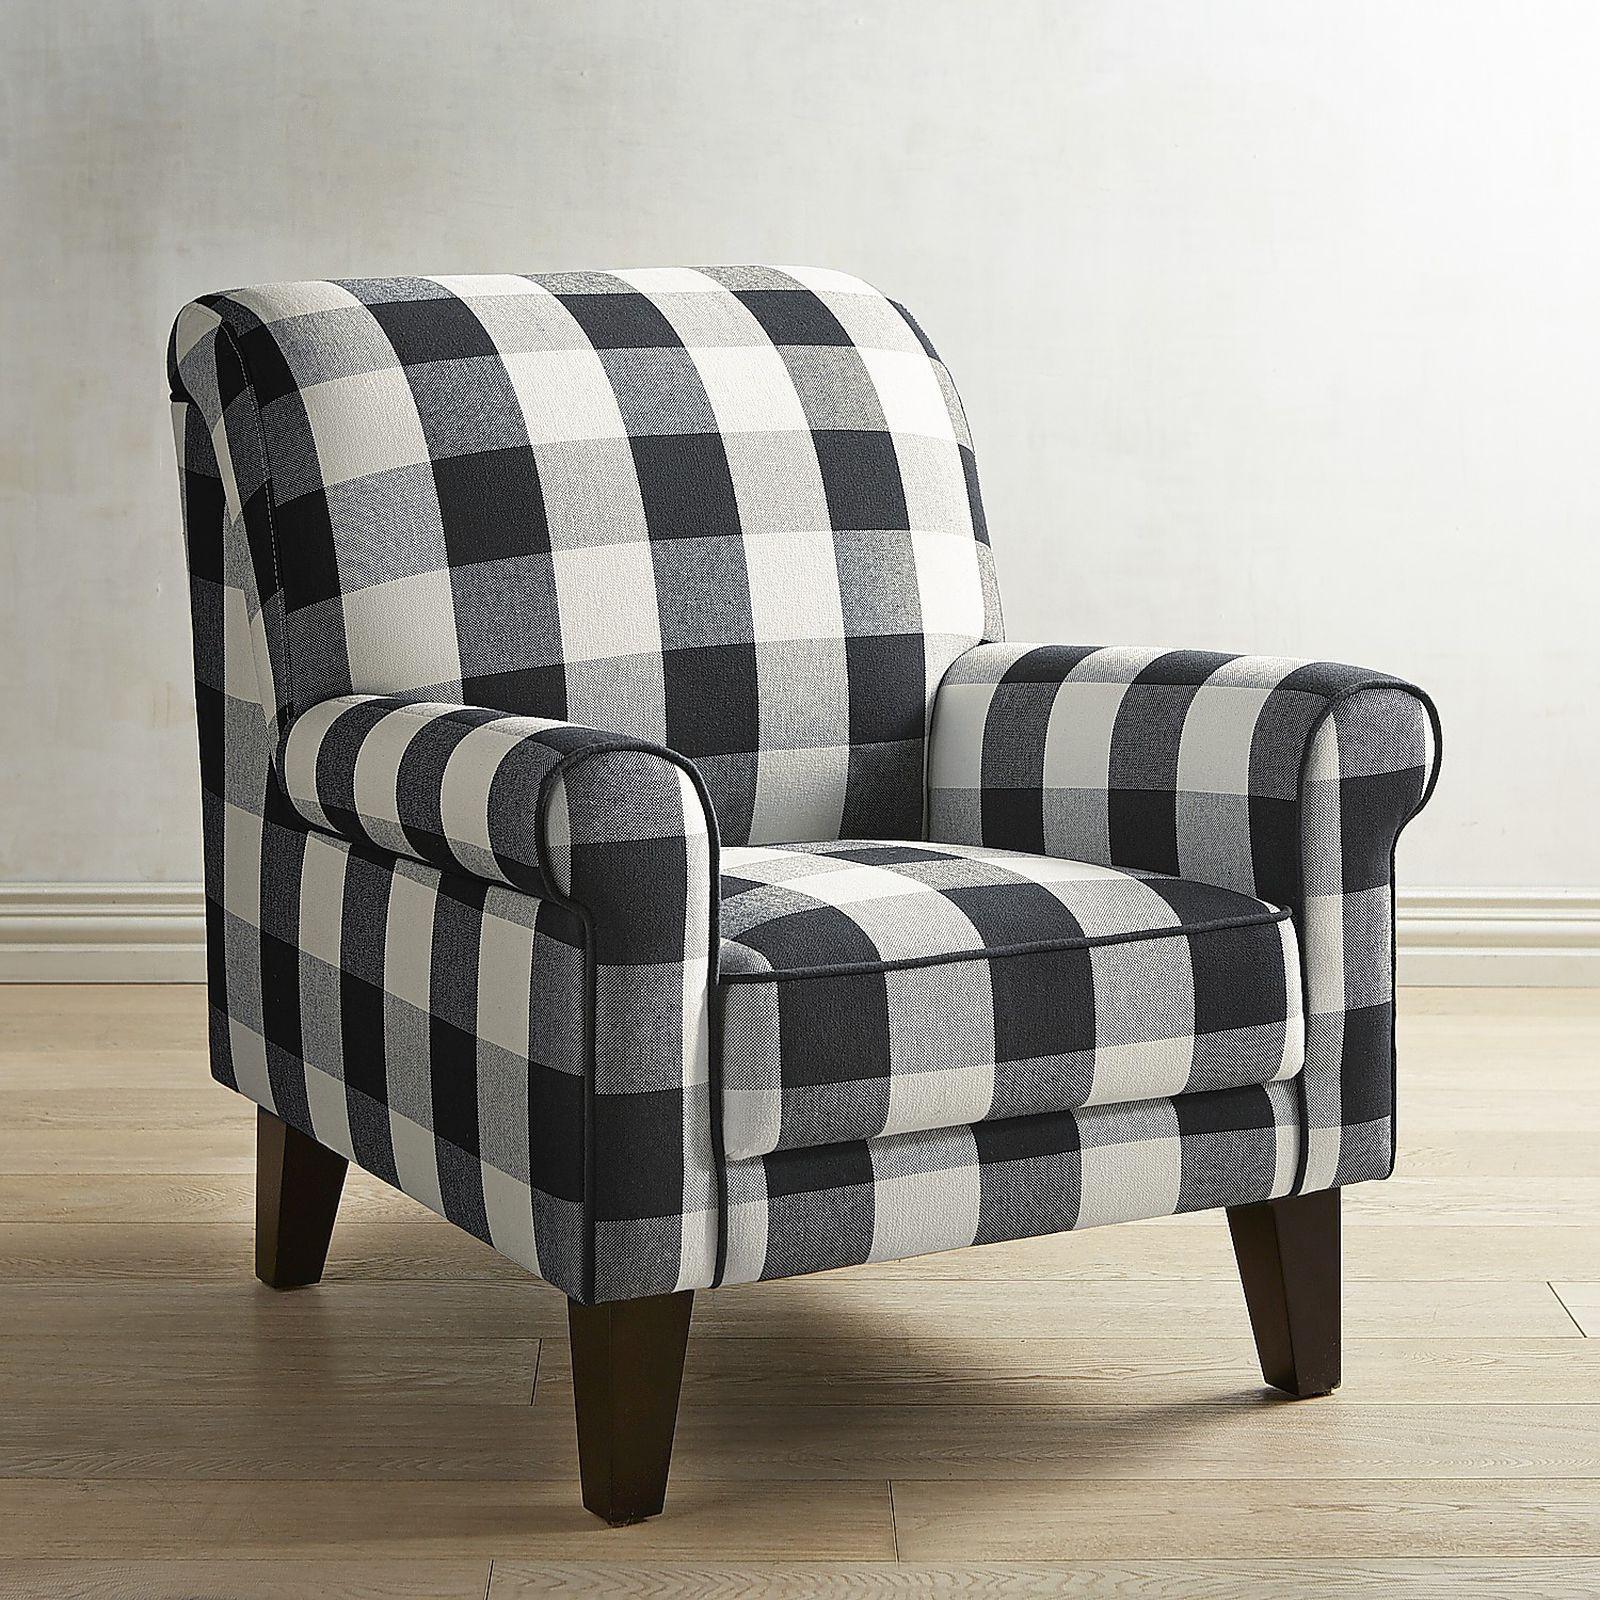 Pier 1 Sofa Quality Navy Velvet Living Room Lyndee Buffalo Check Black Chair F U R N I T E